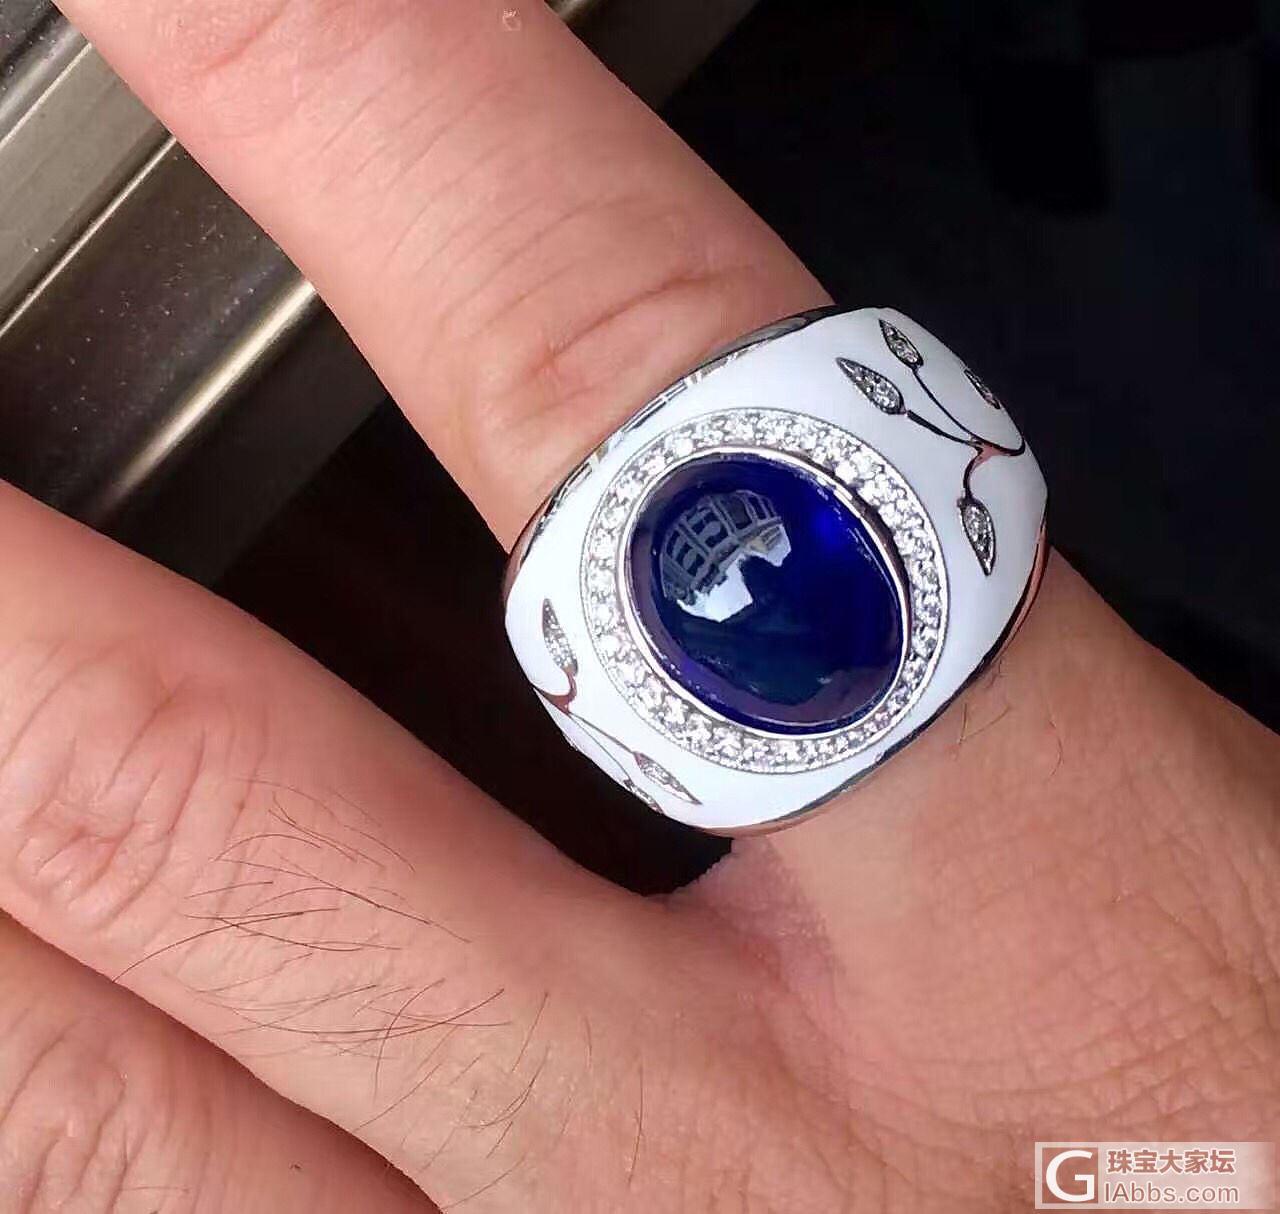 一枚欧洲工艺的无烧 斯里兰卡蓝宝,白色珐琅戒指